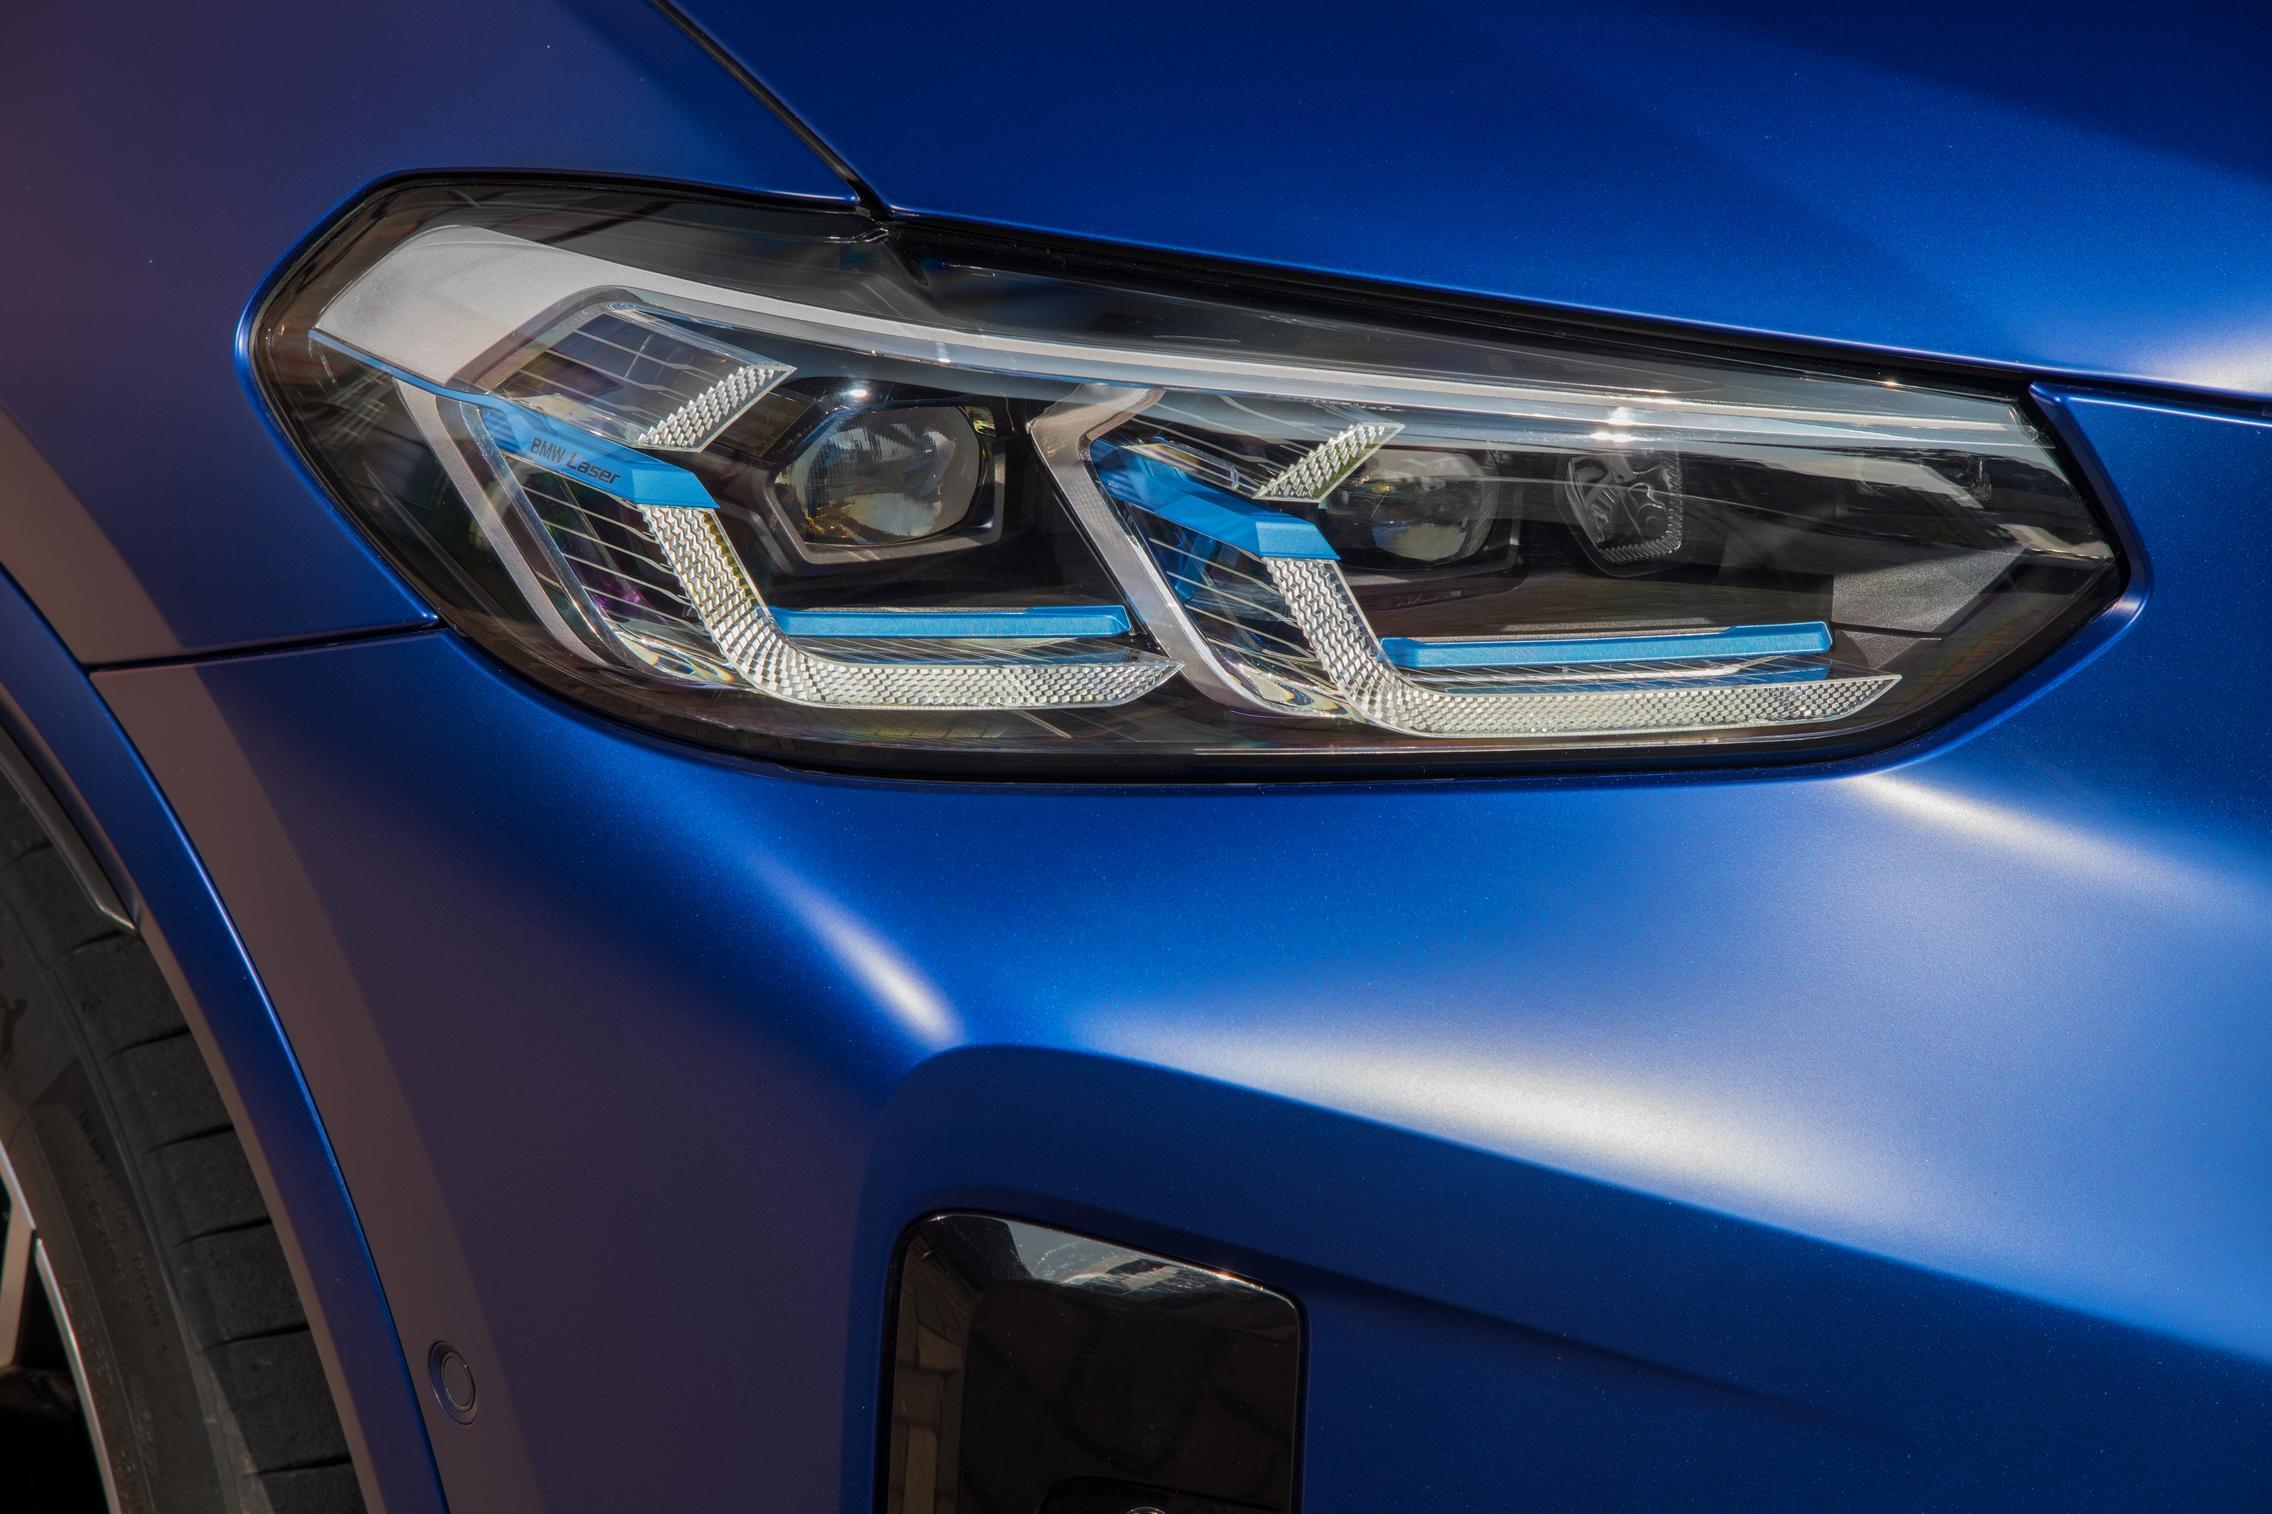 X3 M headlight